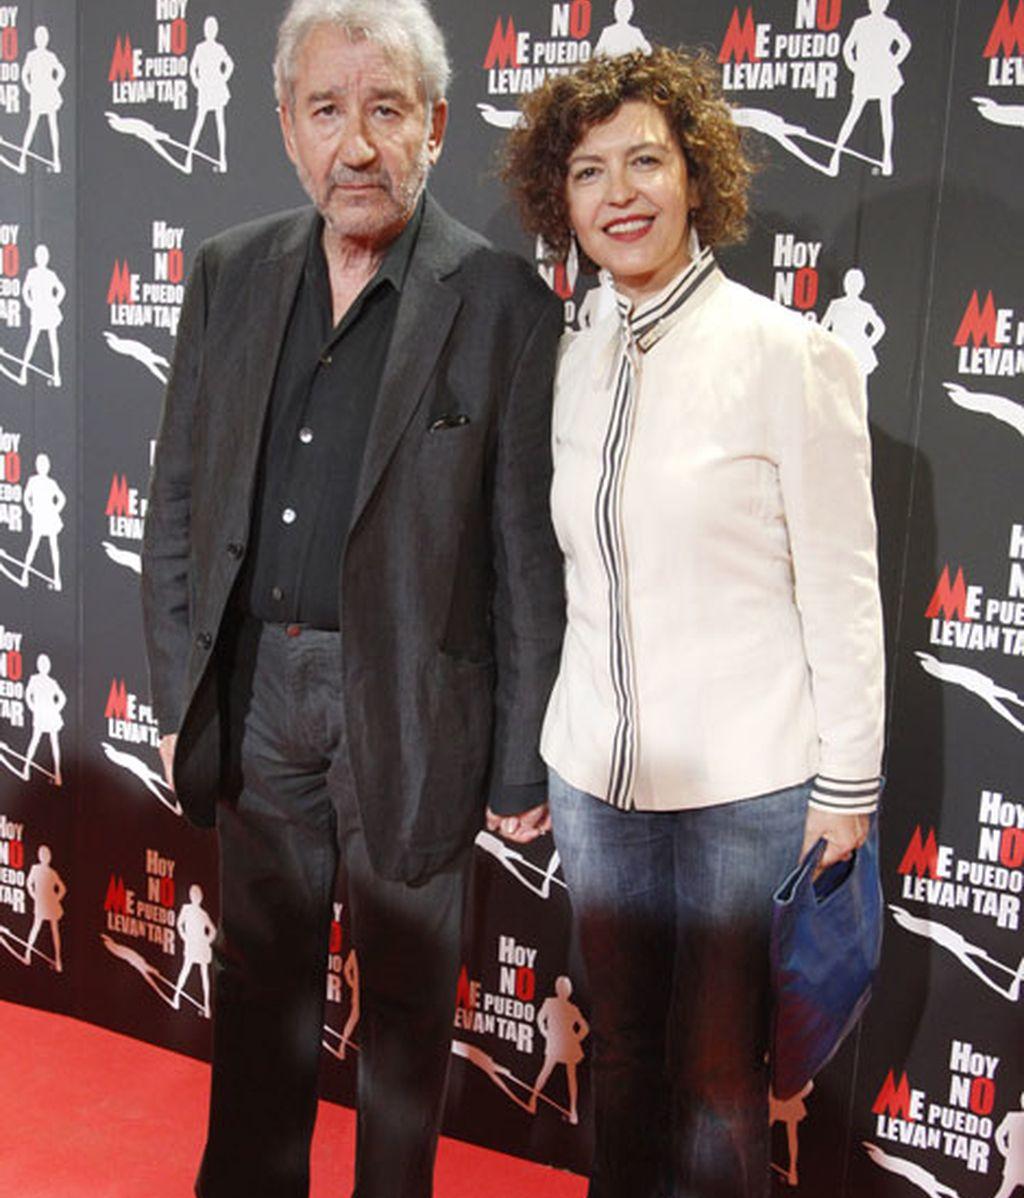 El actor José Sacristán junto a Amparo Pascual